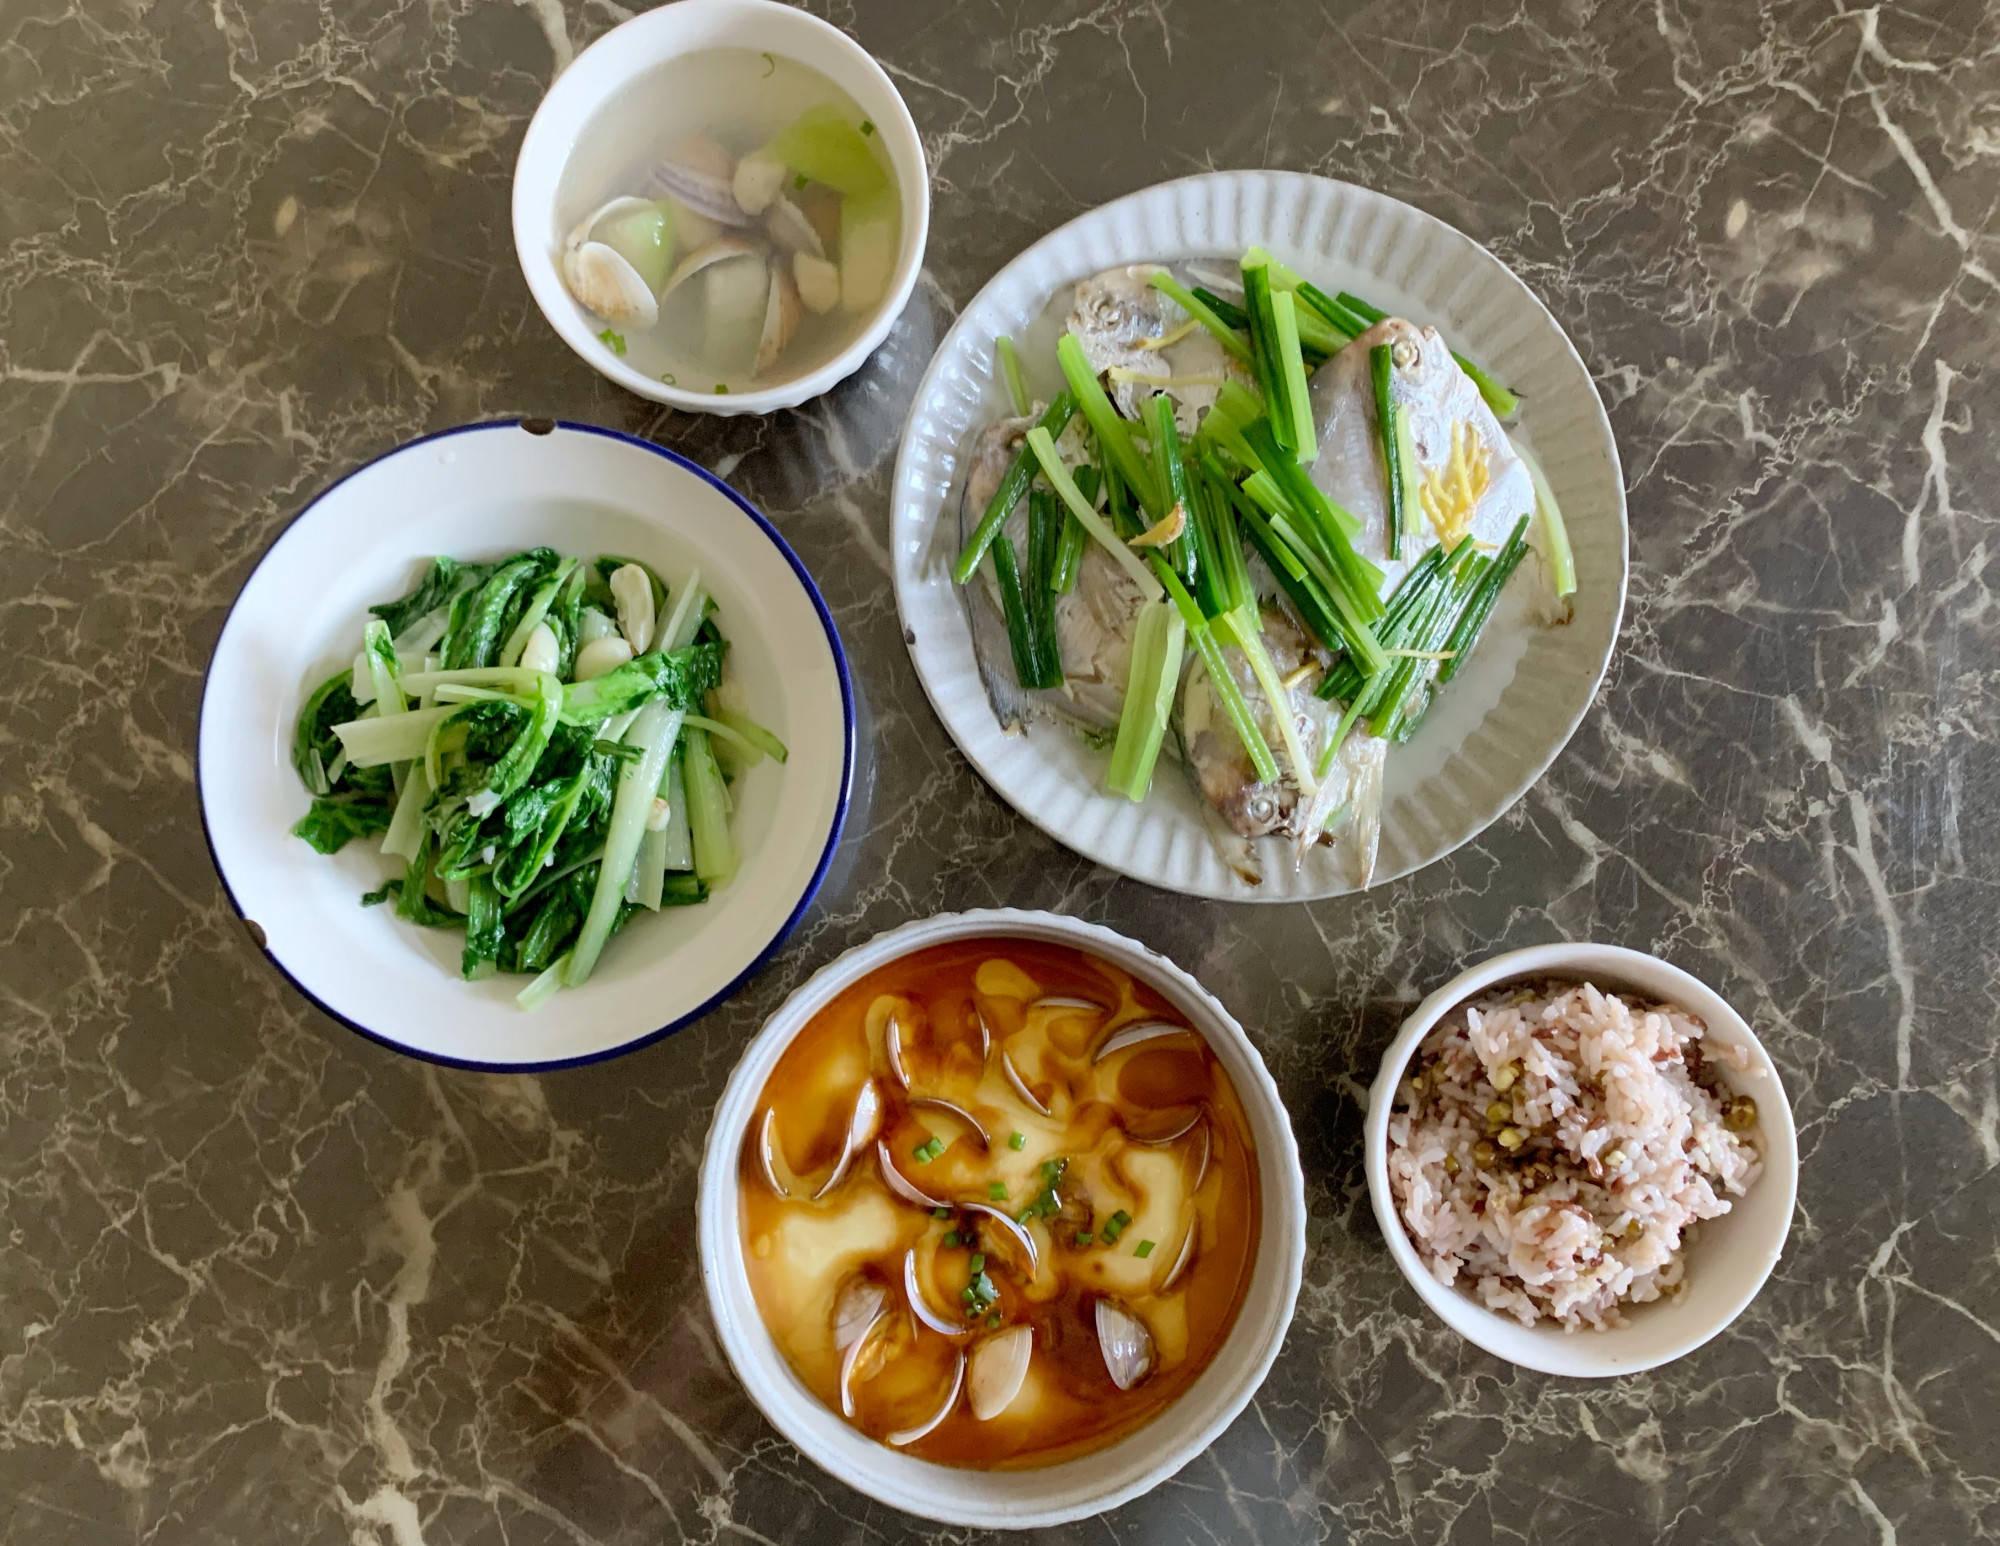 天气热午餐也不糊弄,3菜1汤30分钟搞定,网友:营养搭配效率高